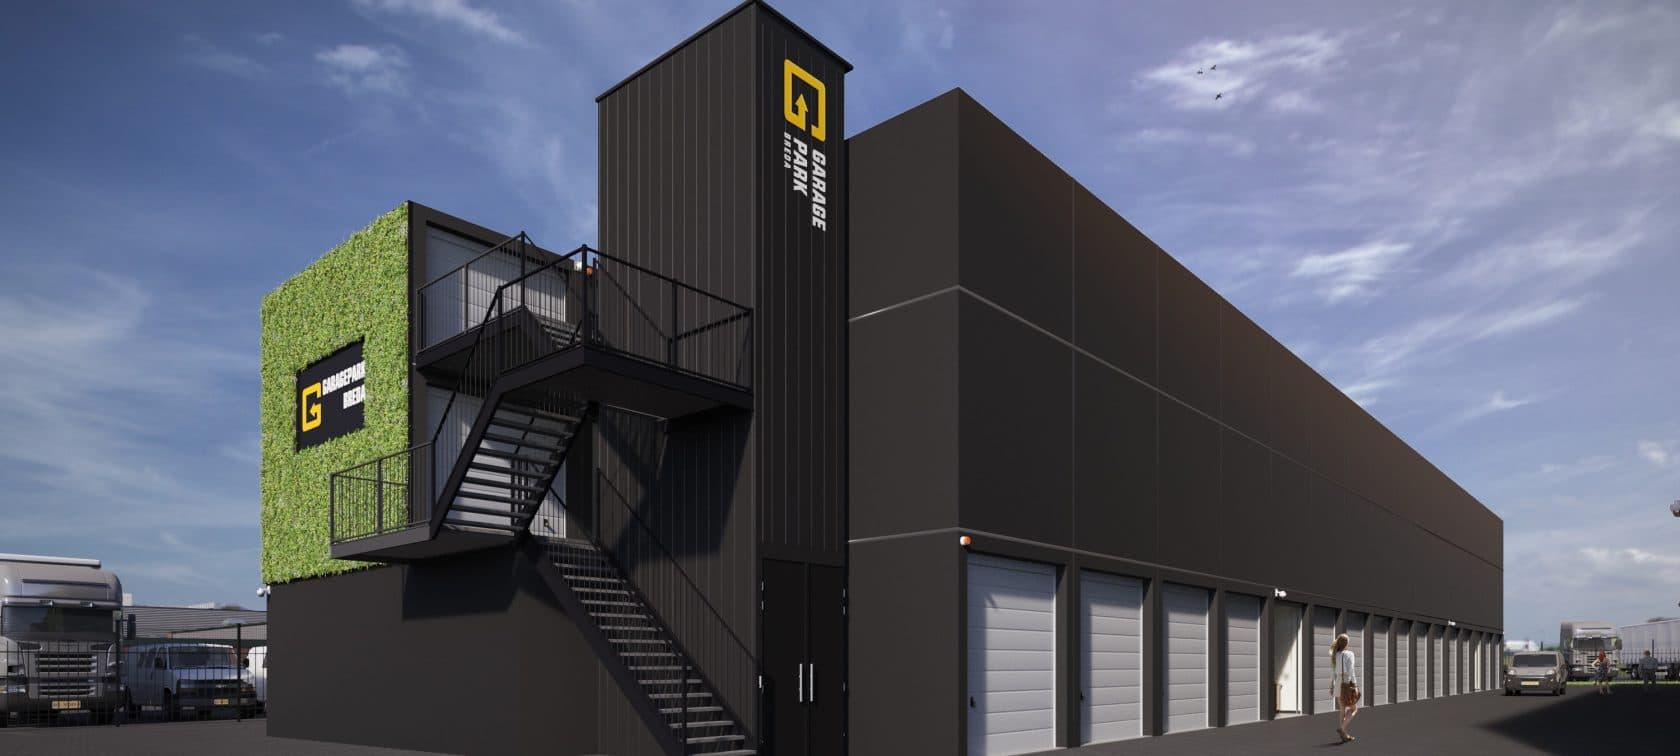 GaragePark Breda - 3D impressie